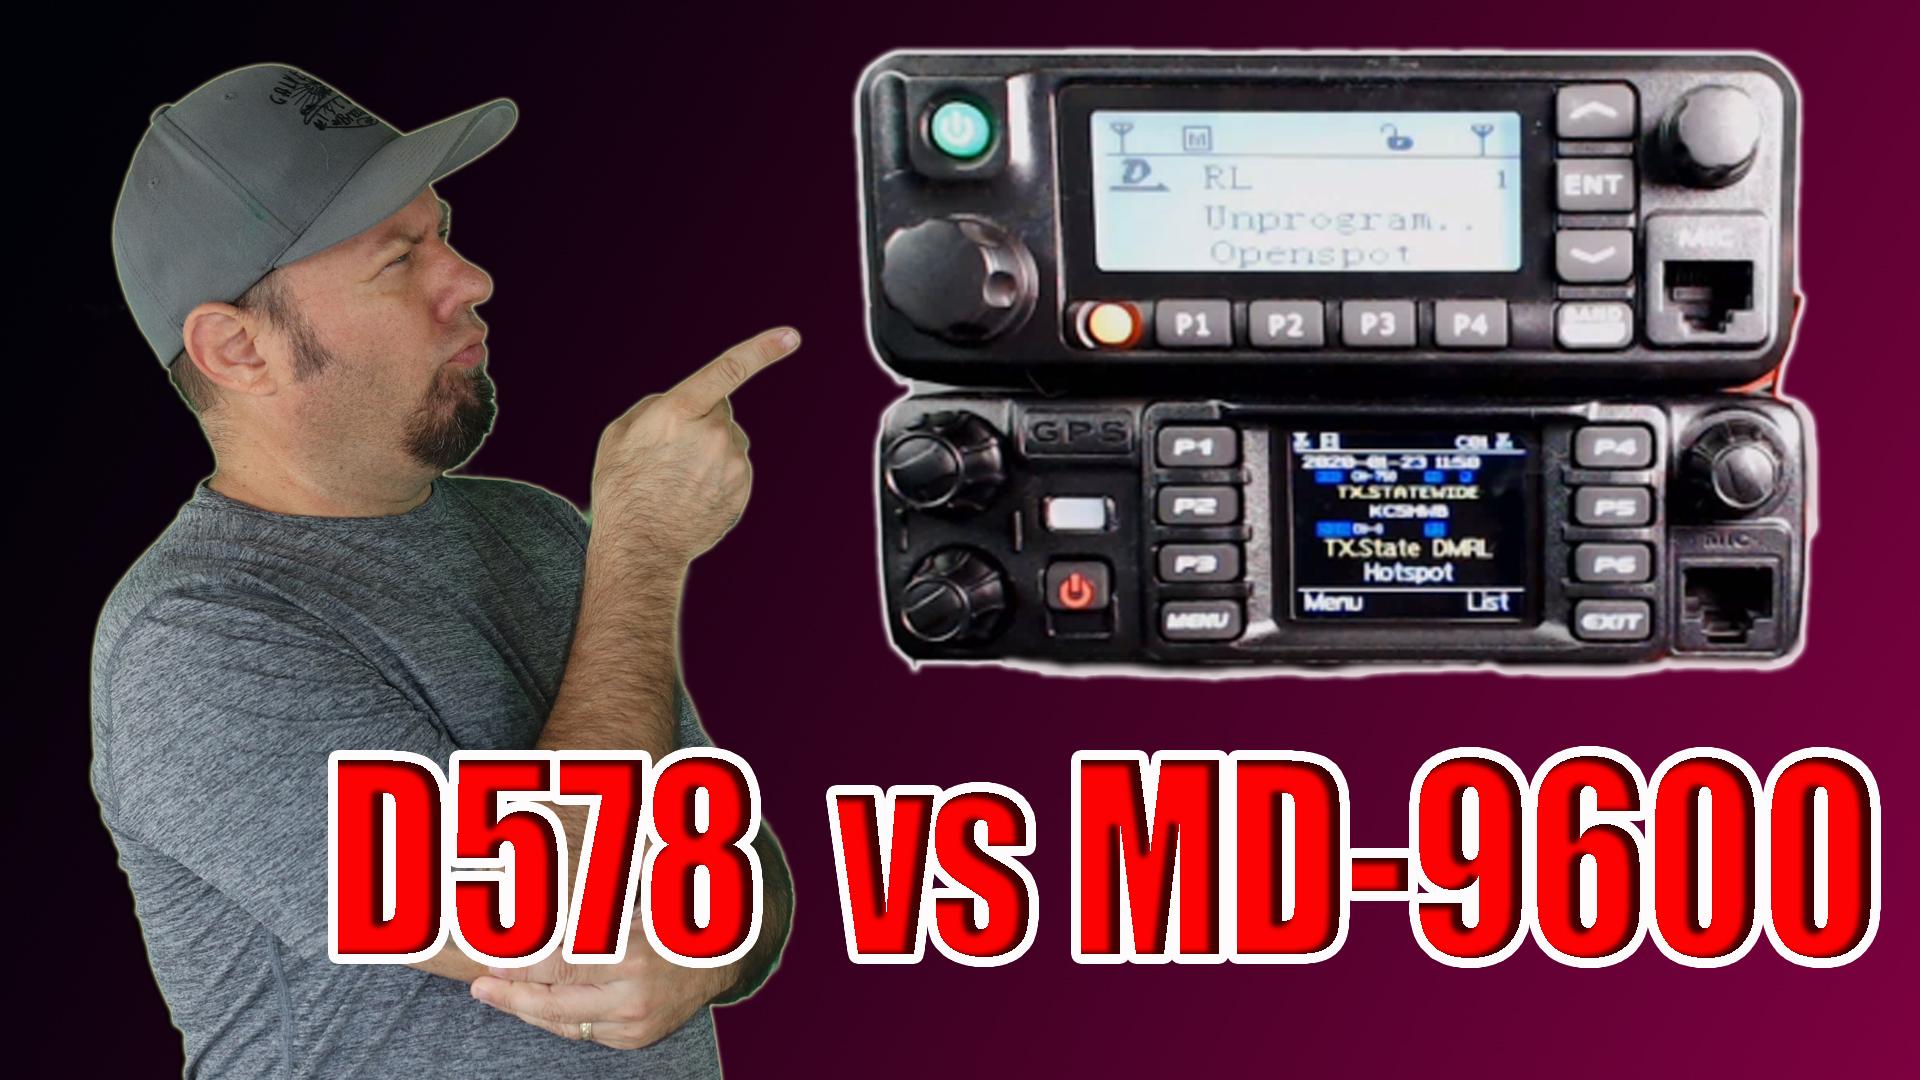 Episode 320: Anytone AT-D578 vs TYT MD-9600   DMR Mobile Radio Comparison